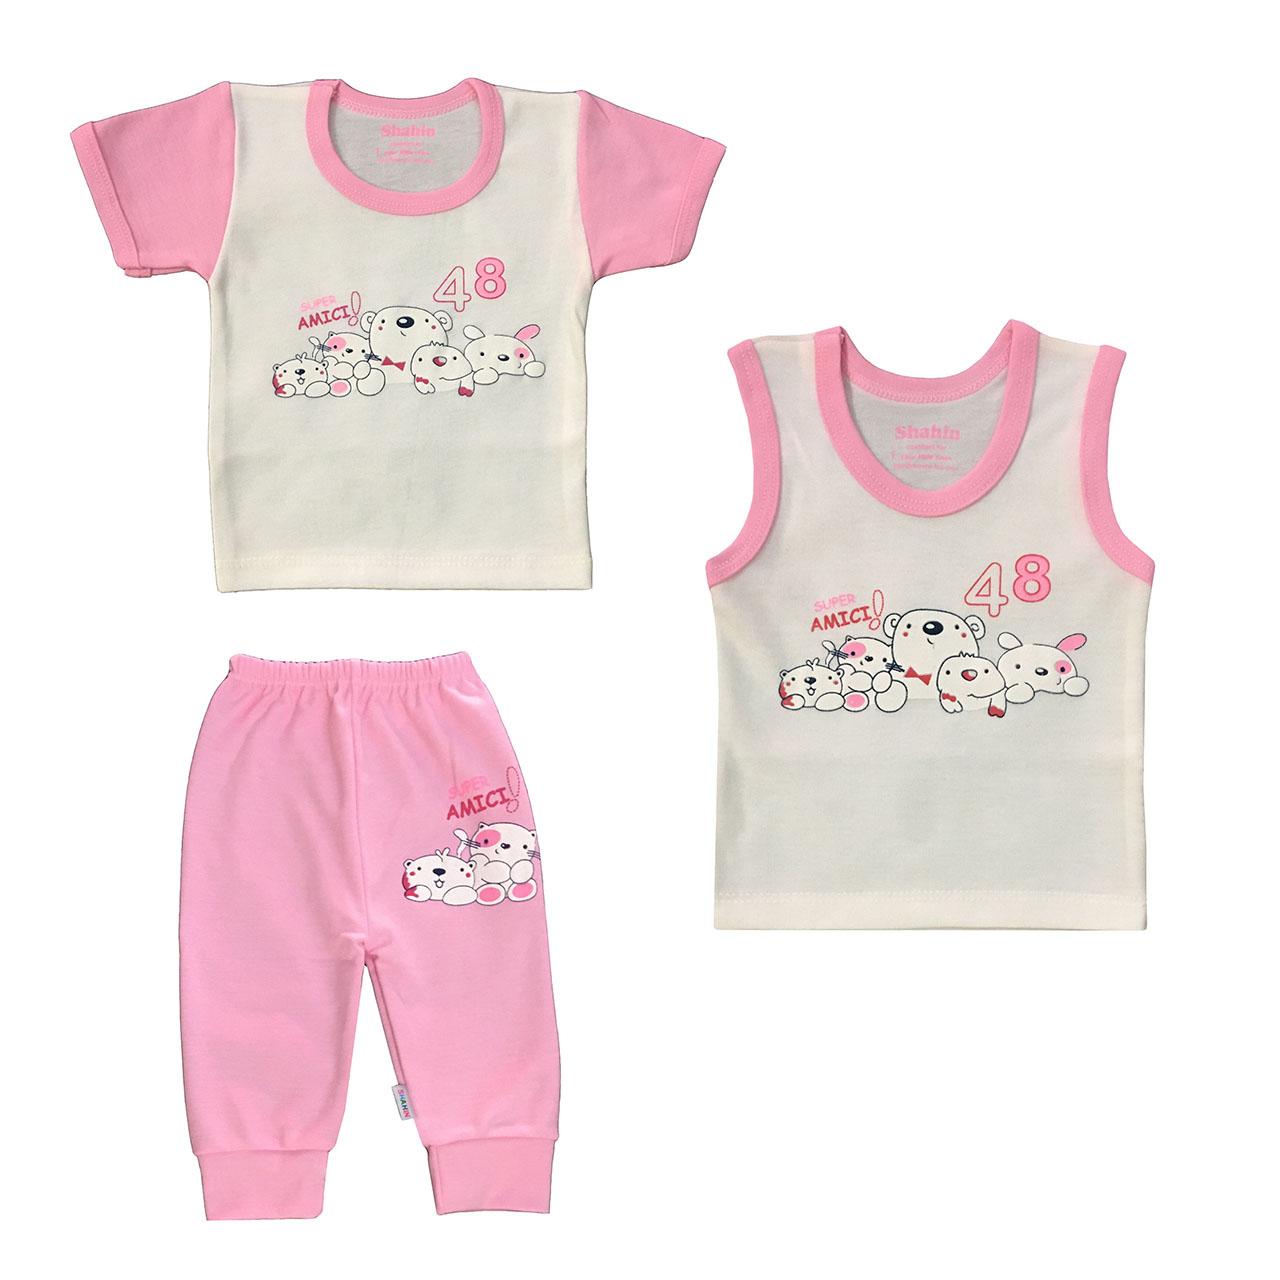 ست 3 تکه لباس نوزادی دخترانه شاهین طرح امیکی کد M -  - 2